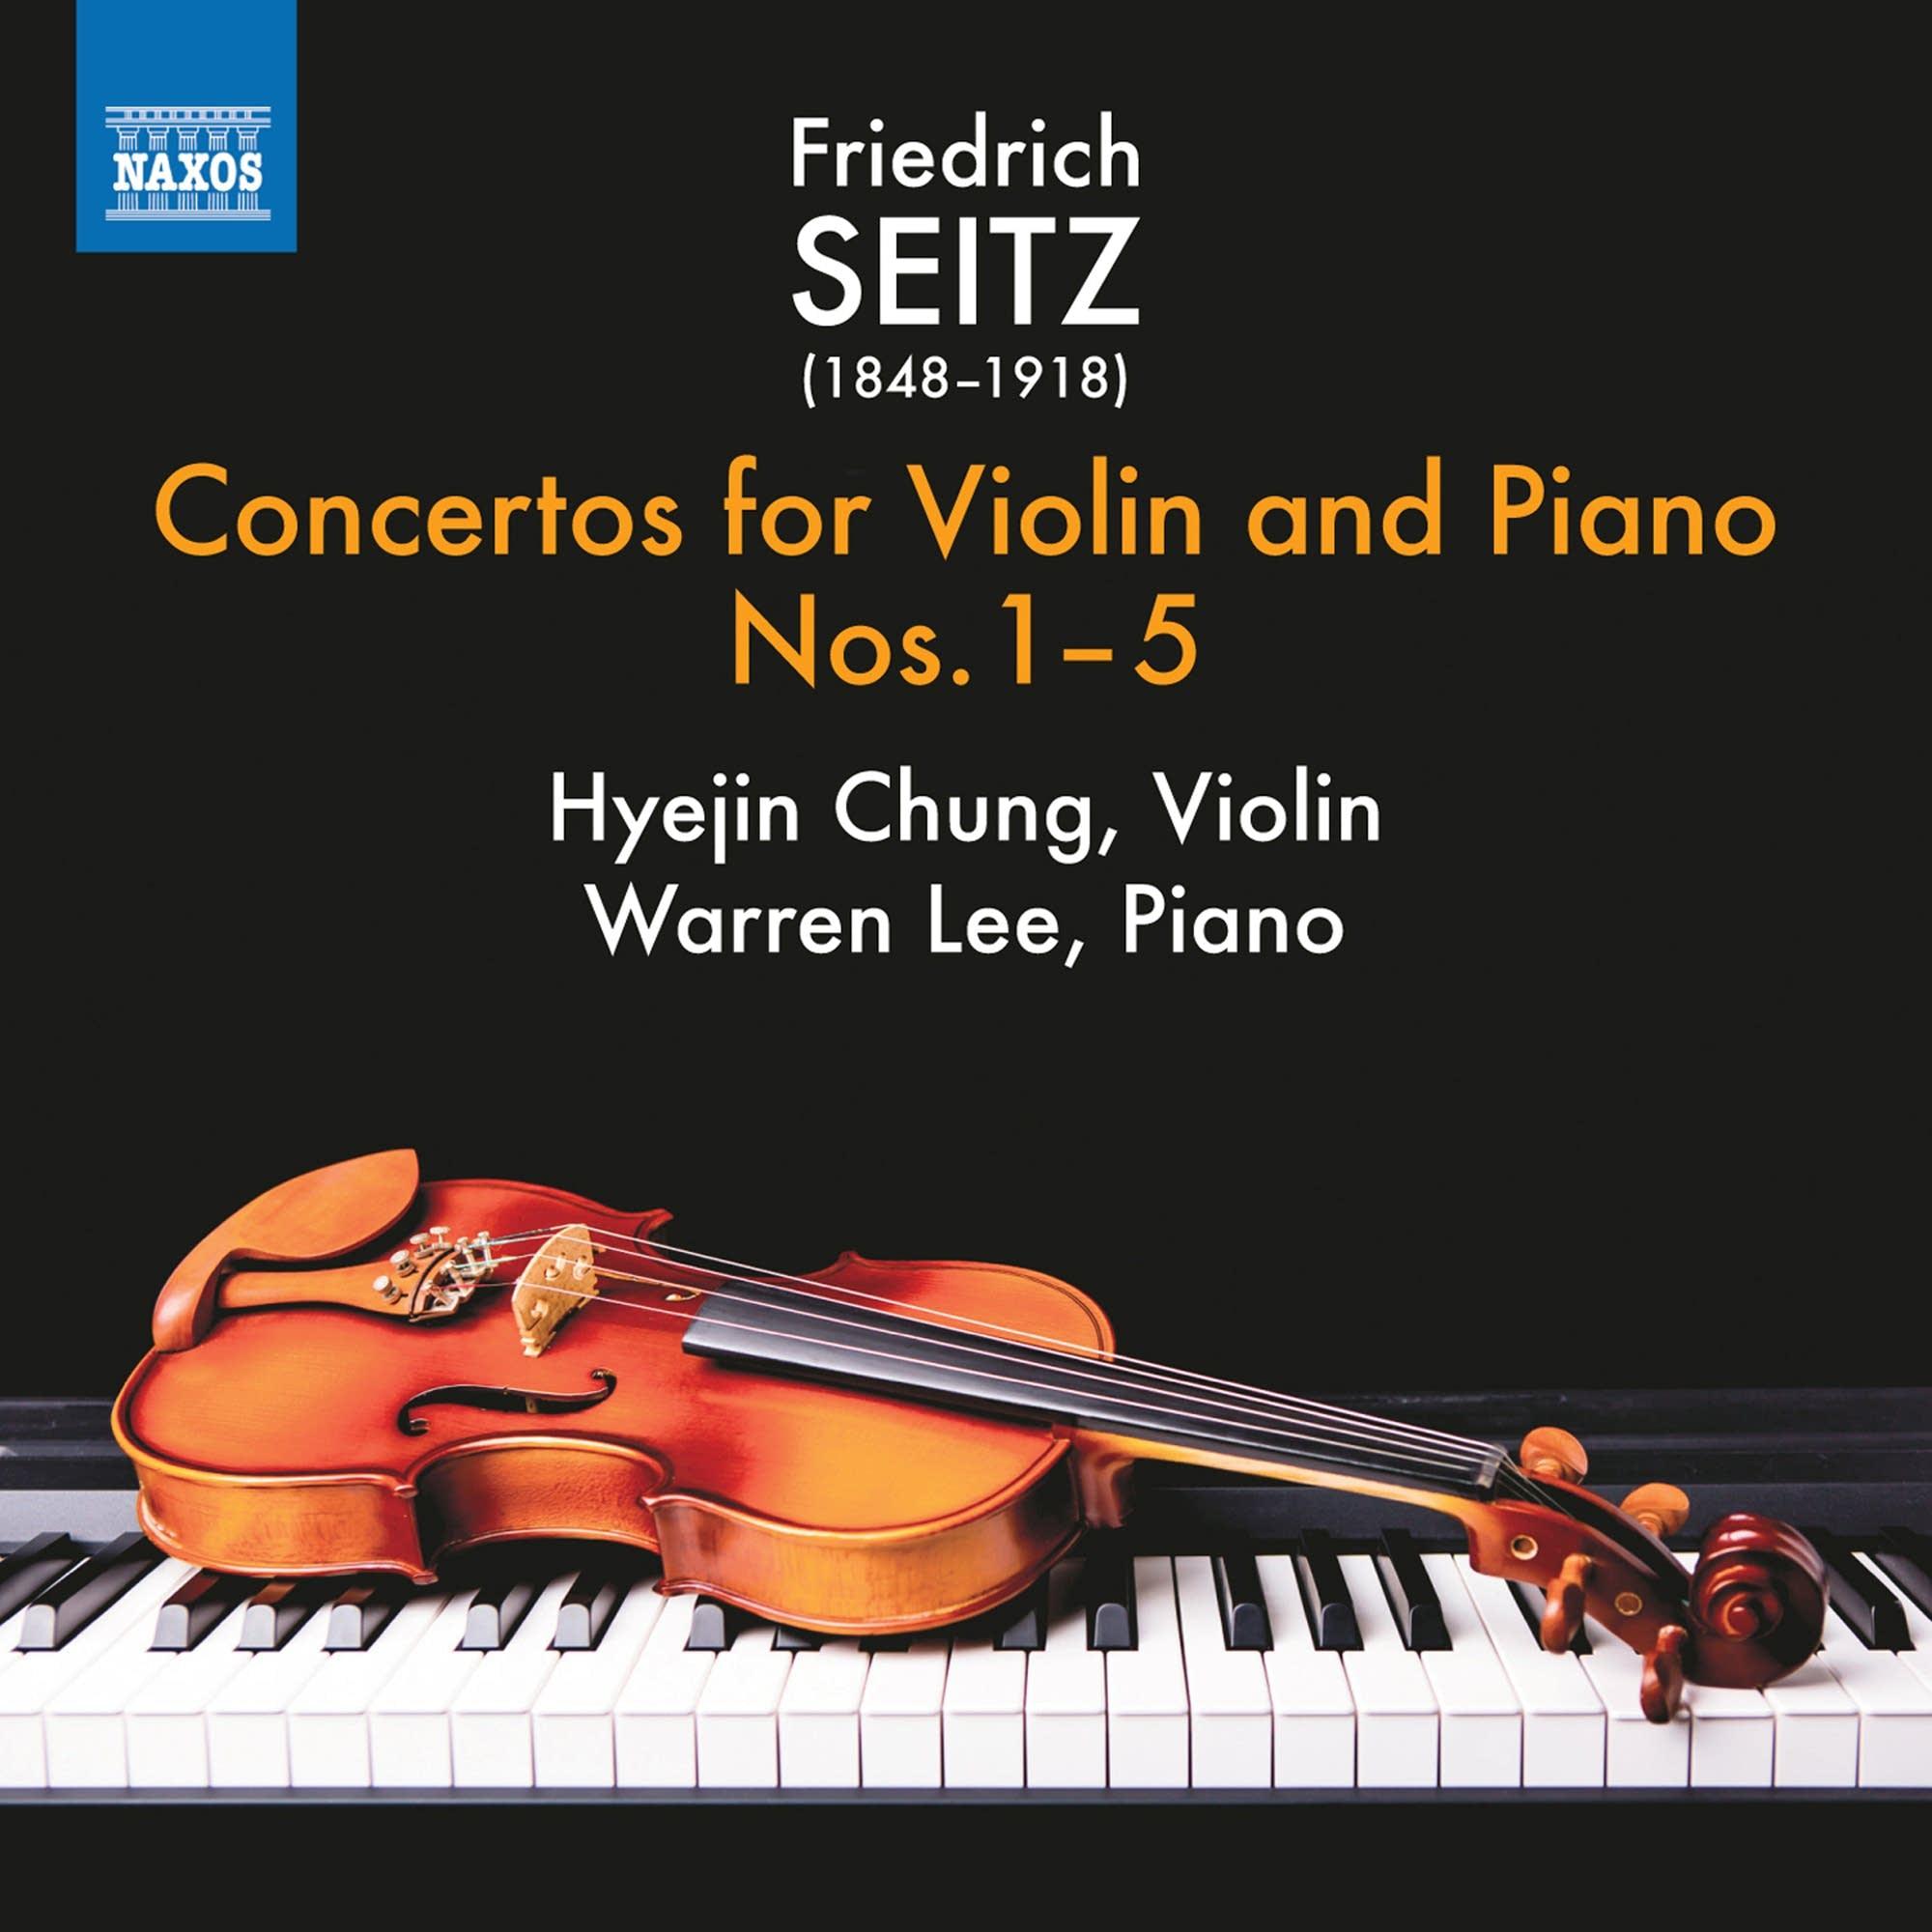 Friedrich Seitz - Violin Concerto No. 1: III. Allegretto